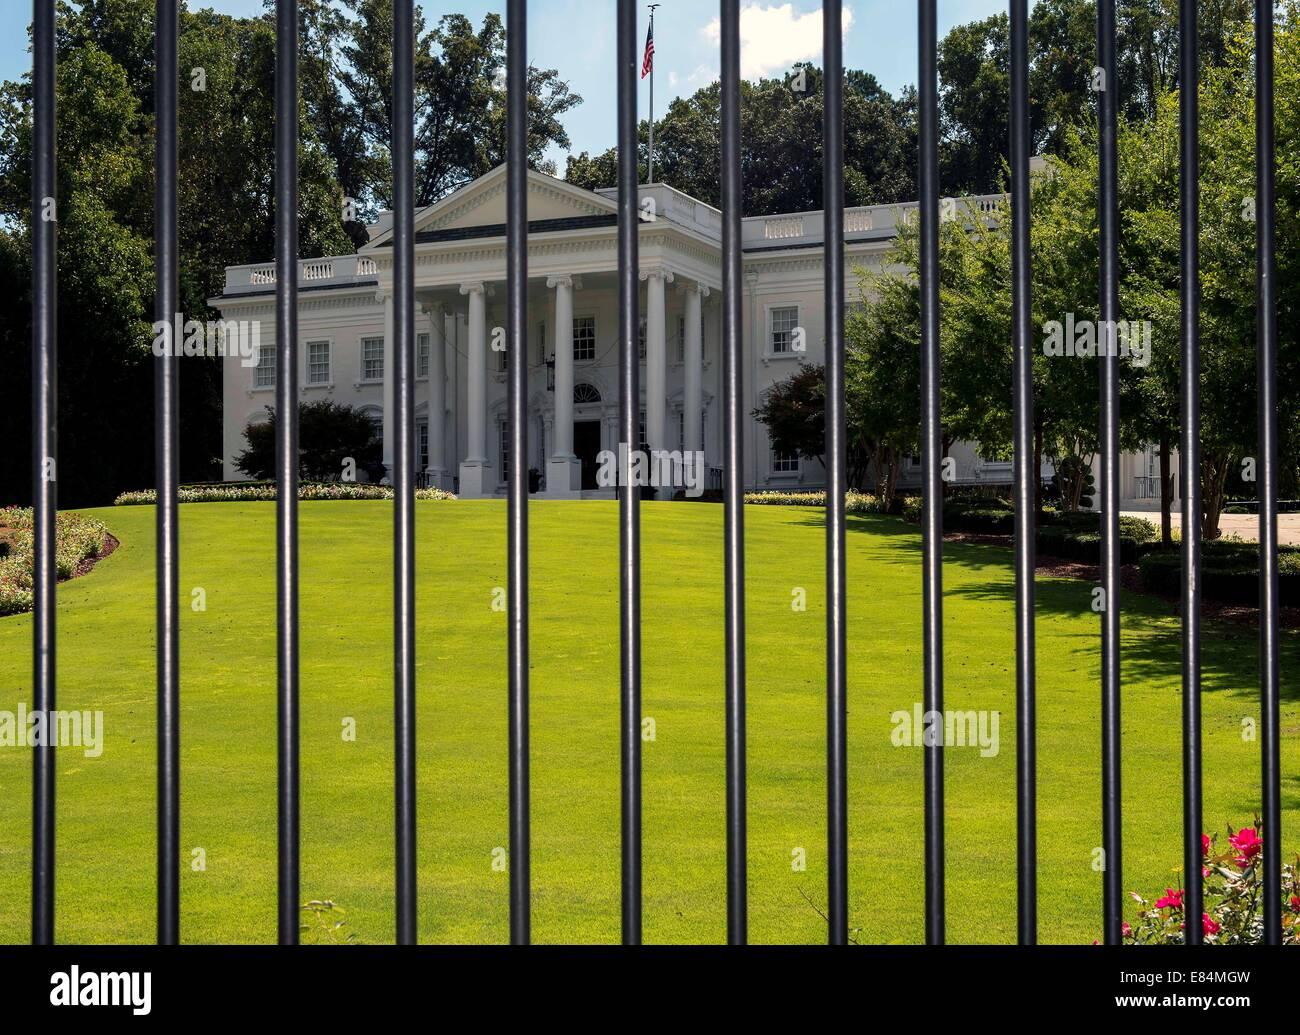 Atlanta Georgia Usa 30th Sep 2014 The Atlanta White House